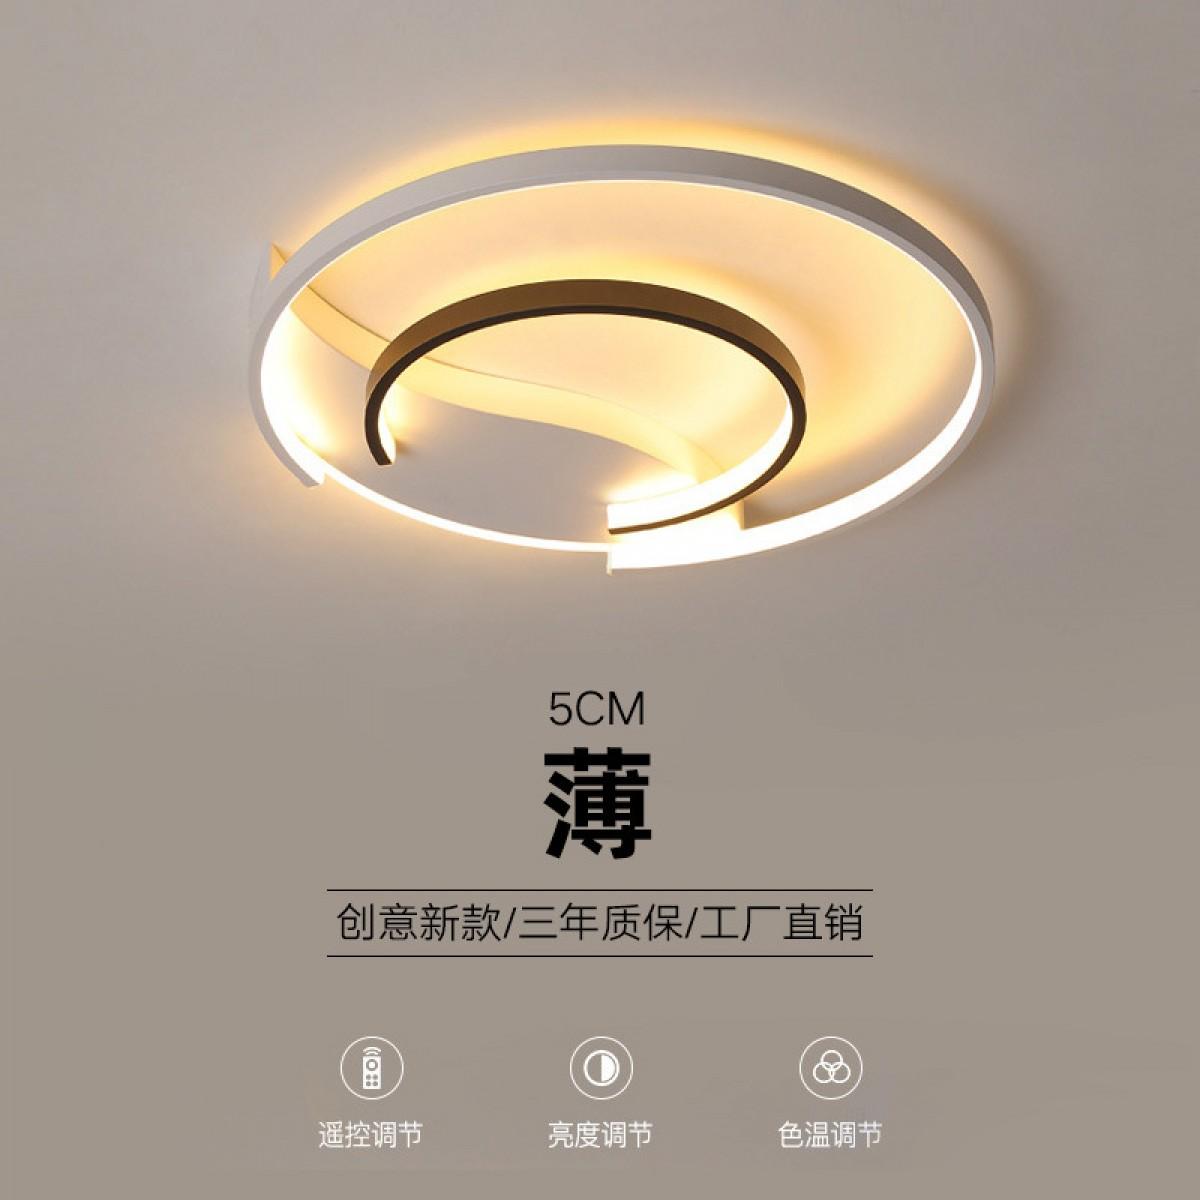 圆形卧室灯简约现代led吸顶灯大气家用房间主卧灯2019书房灯具